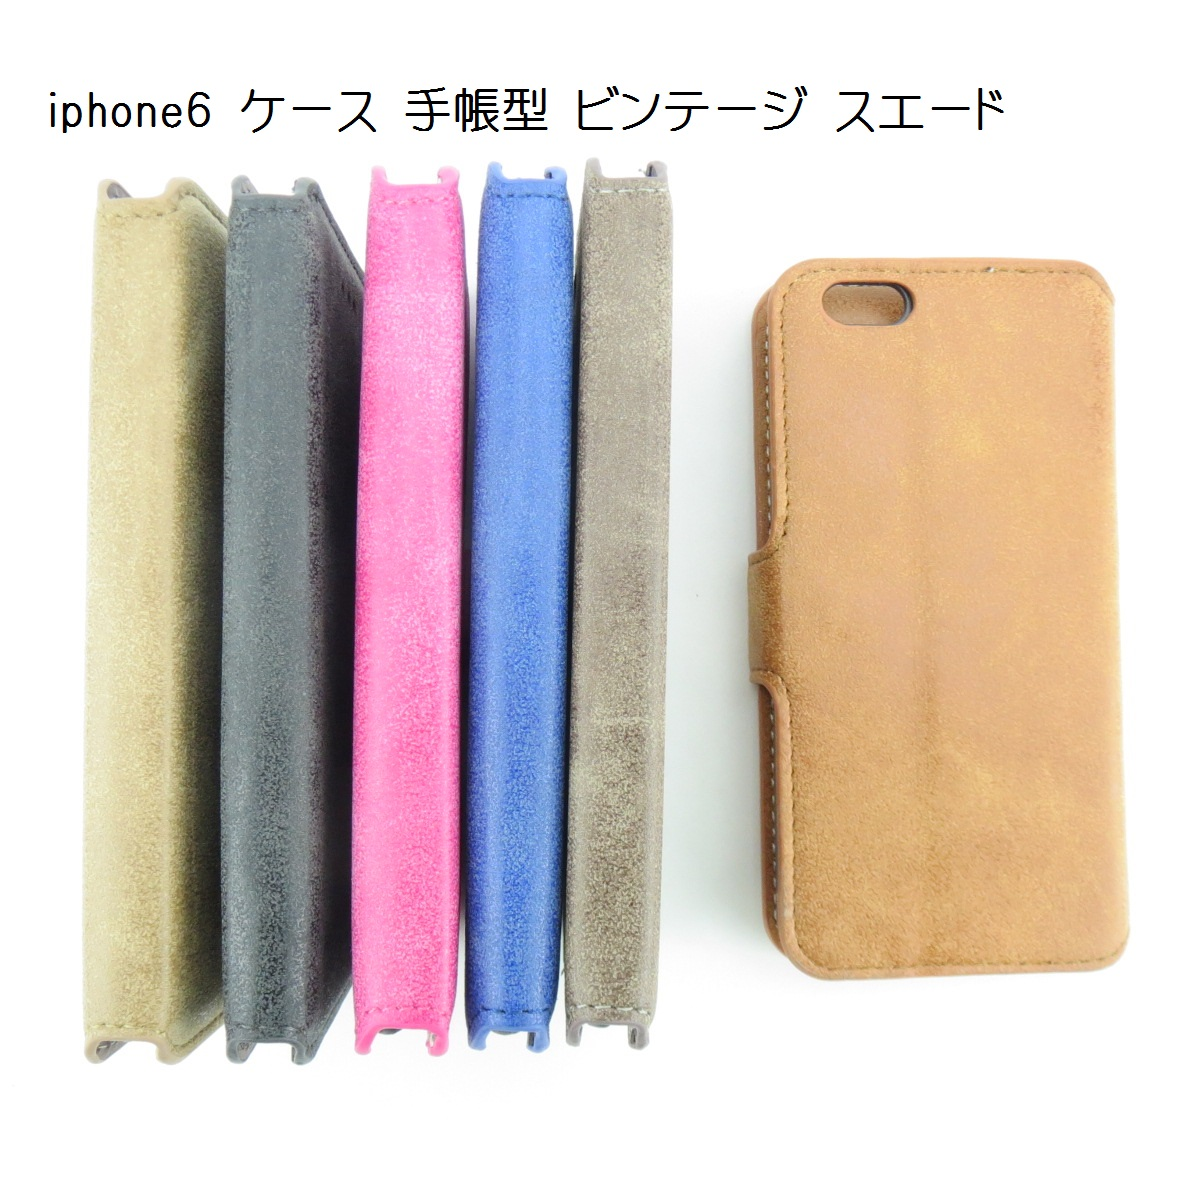 手帳型 ビンテージスエード ケース 送料無料 日本メーカー新品 iphone6 6s 大決算セール カバー メール便 DM便 スエード ビンテージ